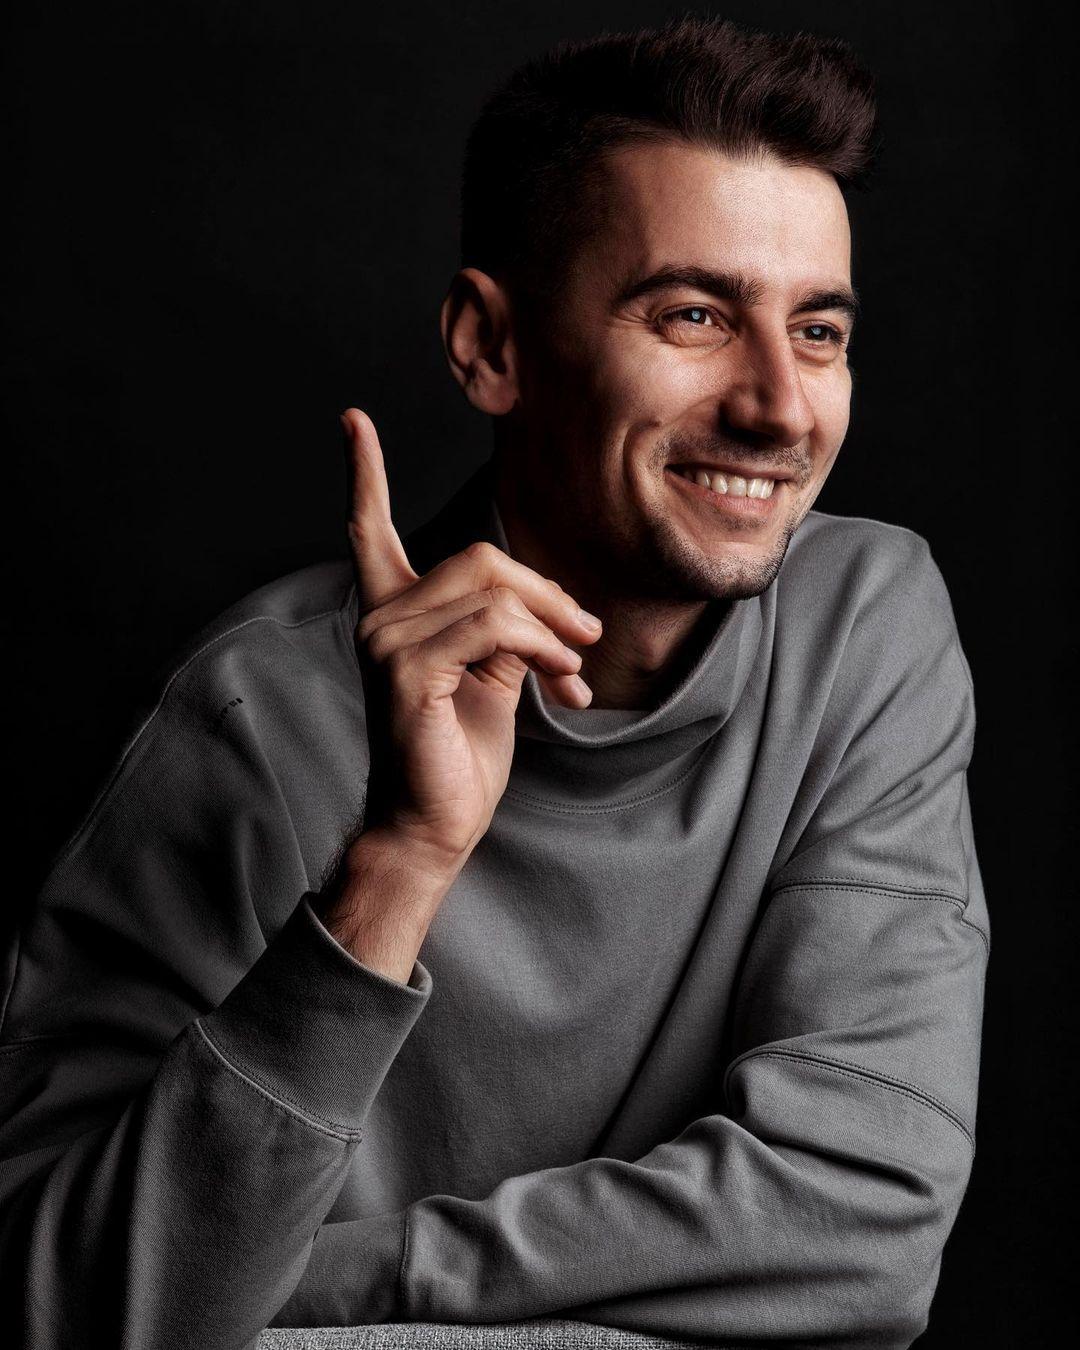 #Сильный. Александр Эллерт о стереотипах: Я делаю маникюр, посещаю косметолога и думаю, что мне надеть — это нормально, когда мужчина следит за собой - фото №1